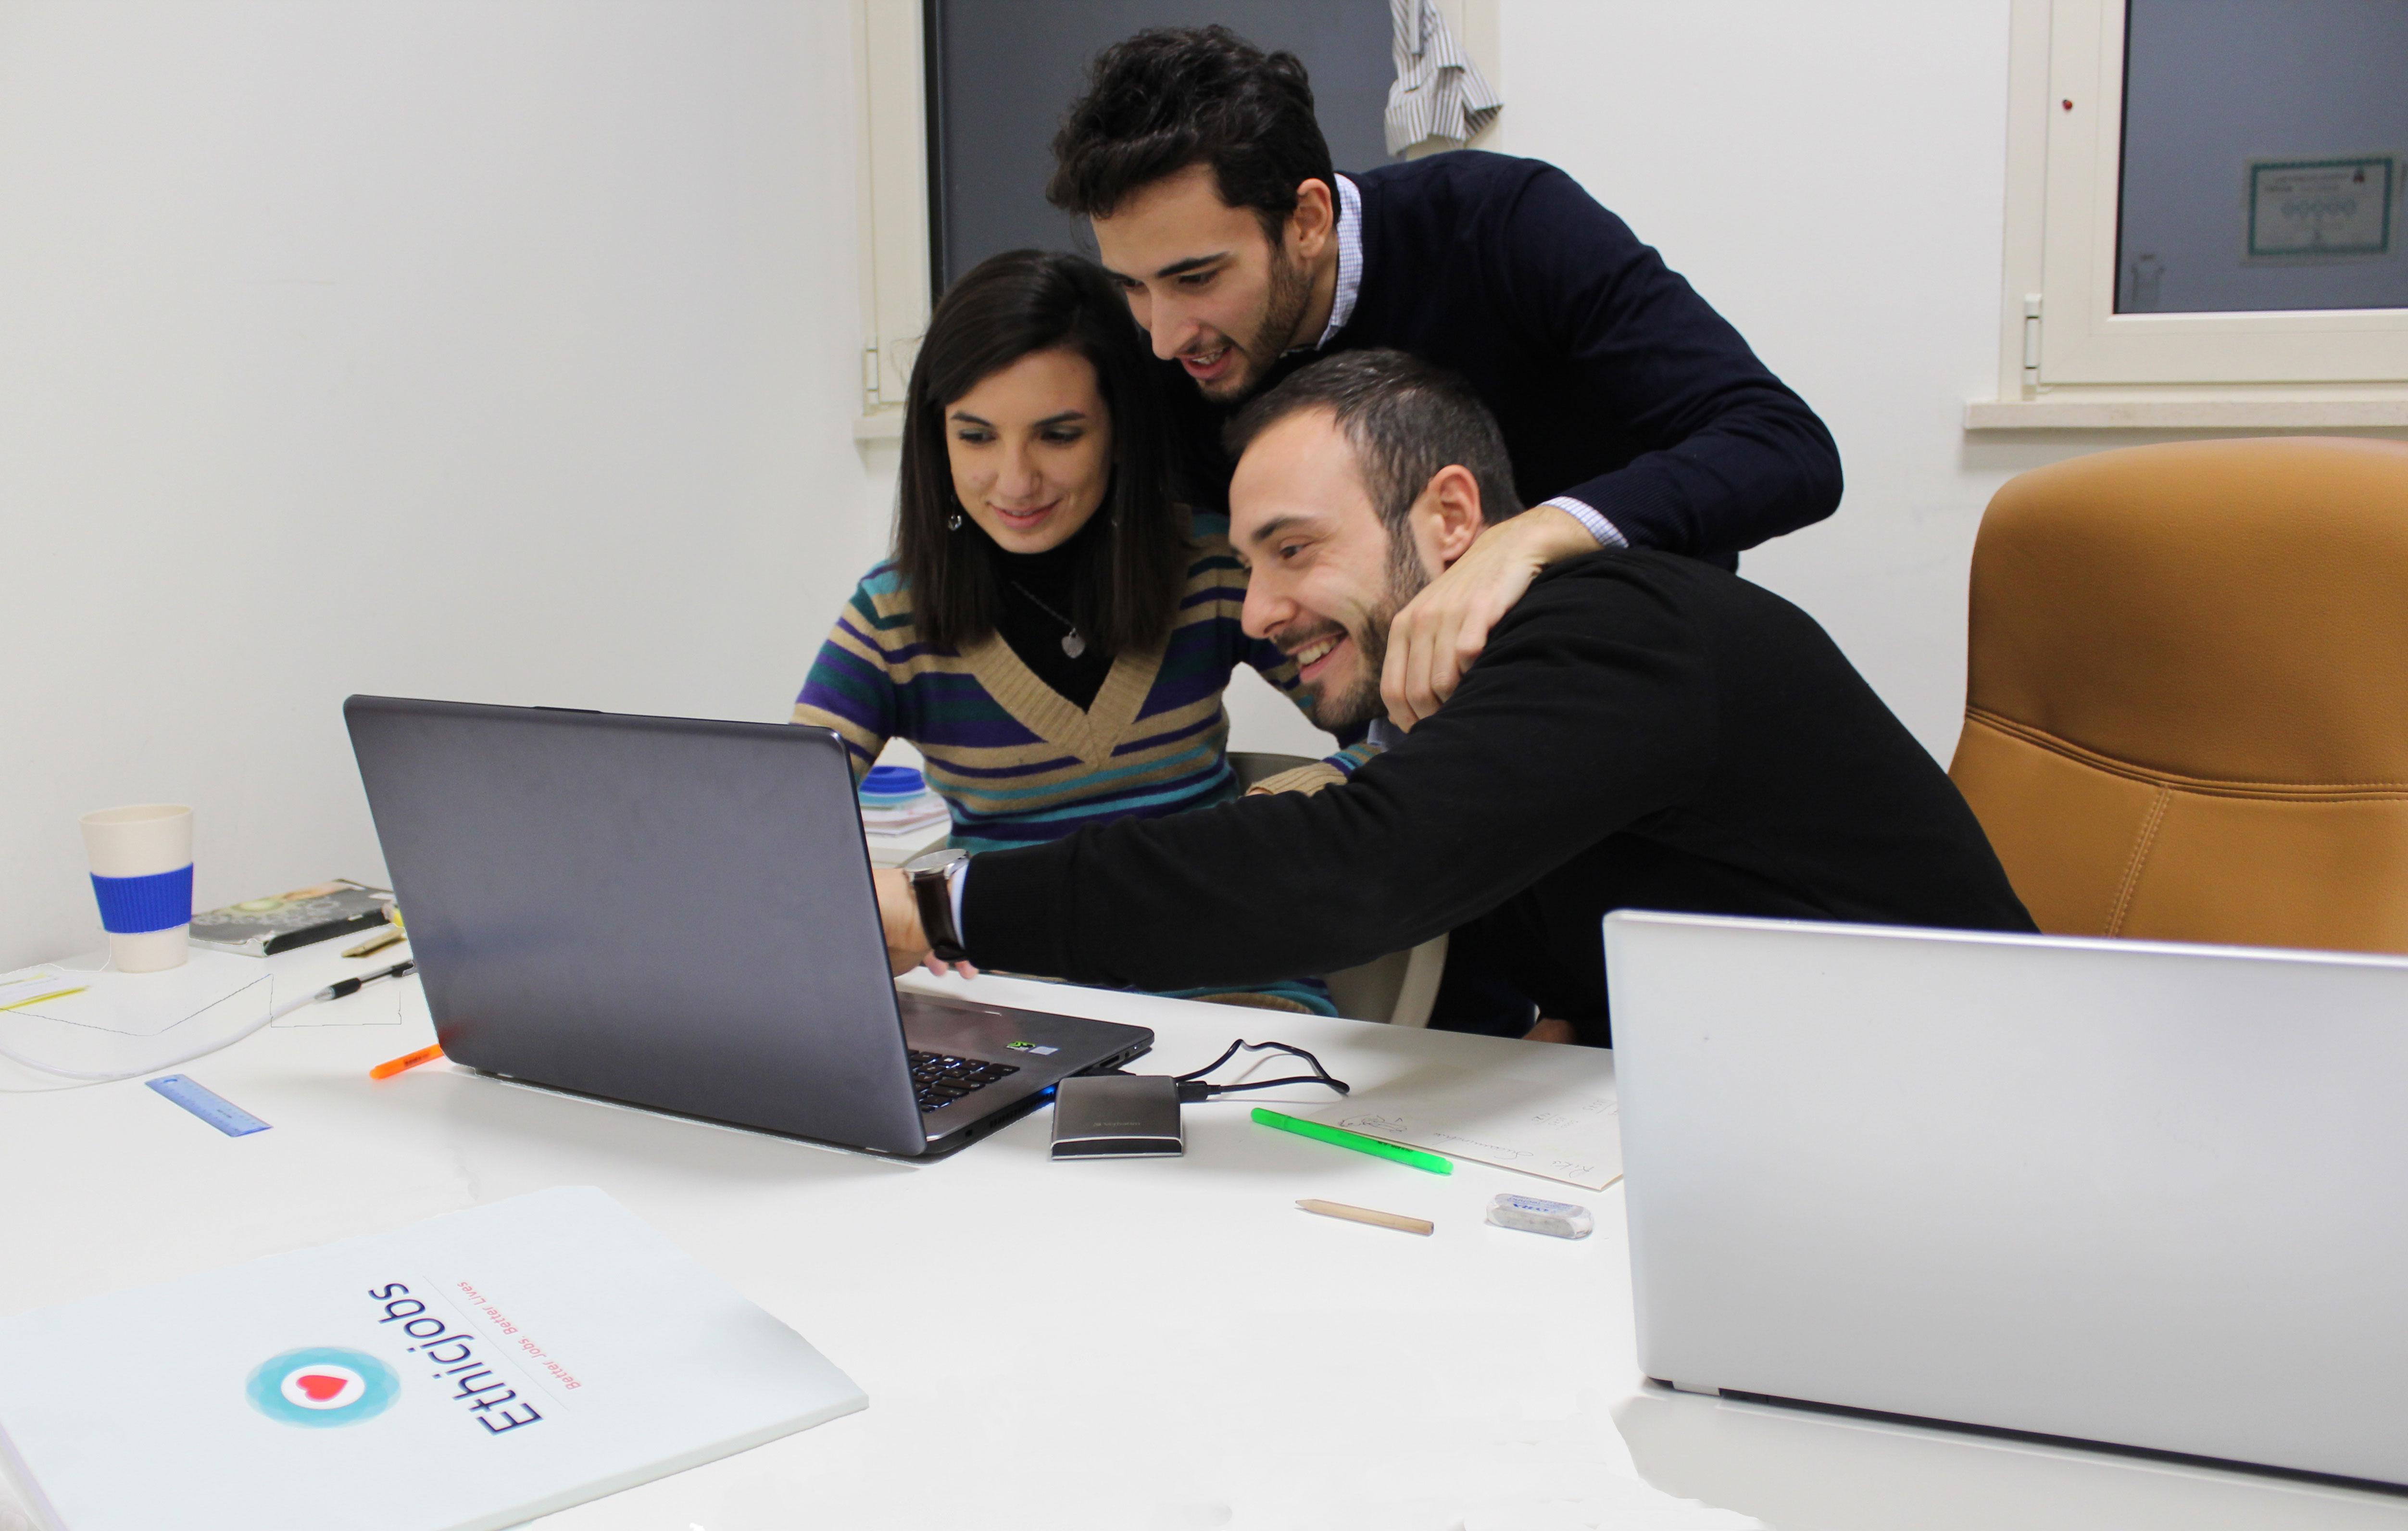 Lavorare bene con Ethicjobs